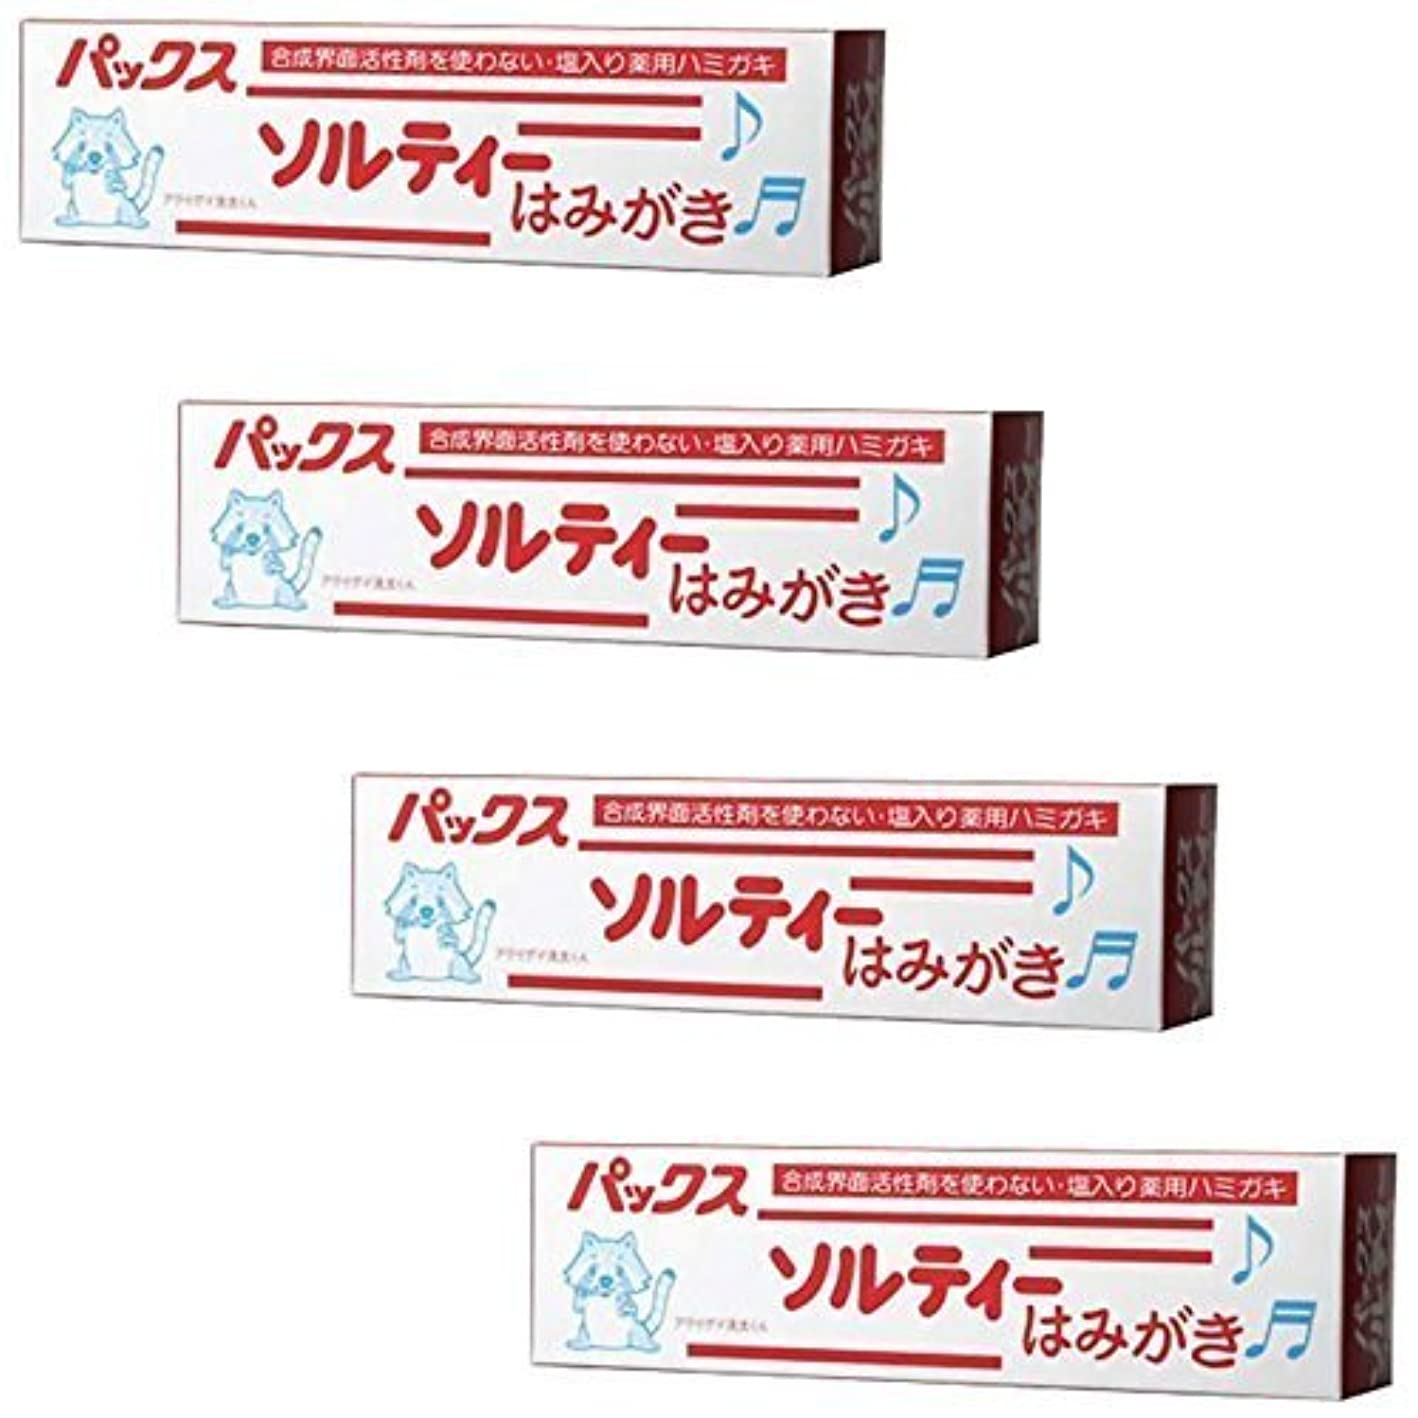 供給覚醒富豪【セット品】パックスソルティーはみがき 80g (塩歯磨き粉) (80g×4個)